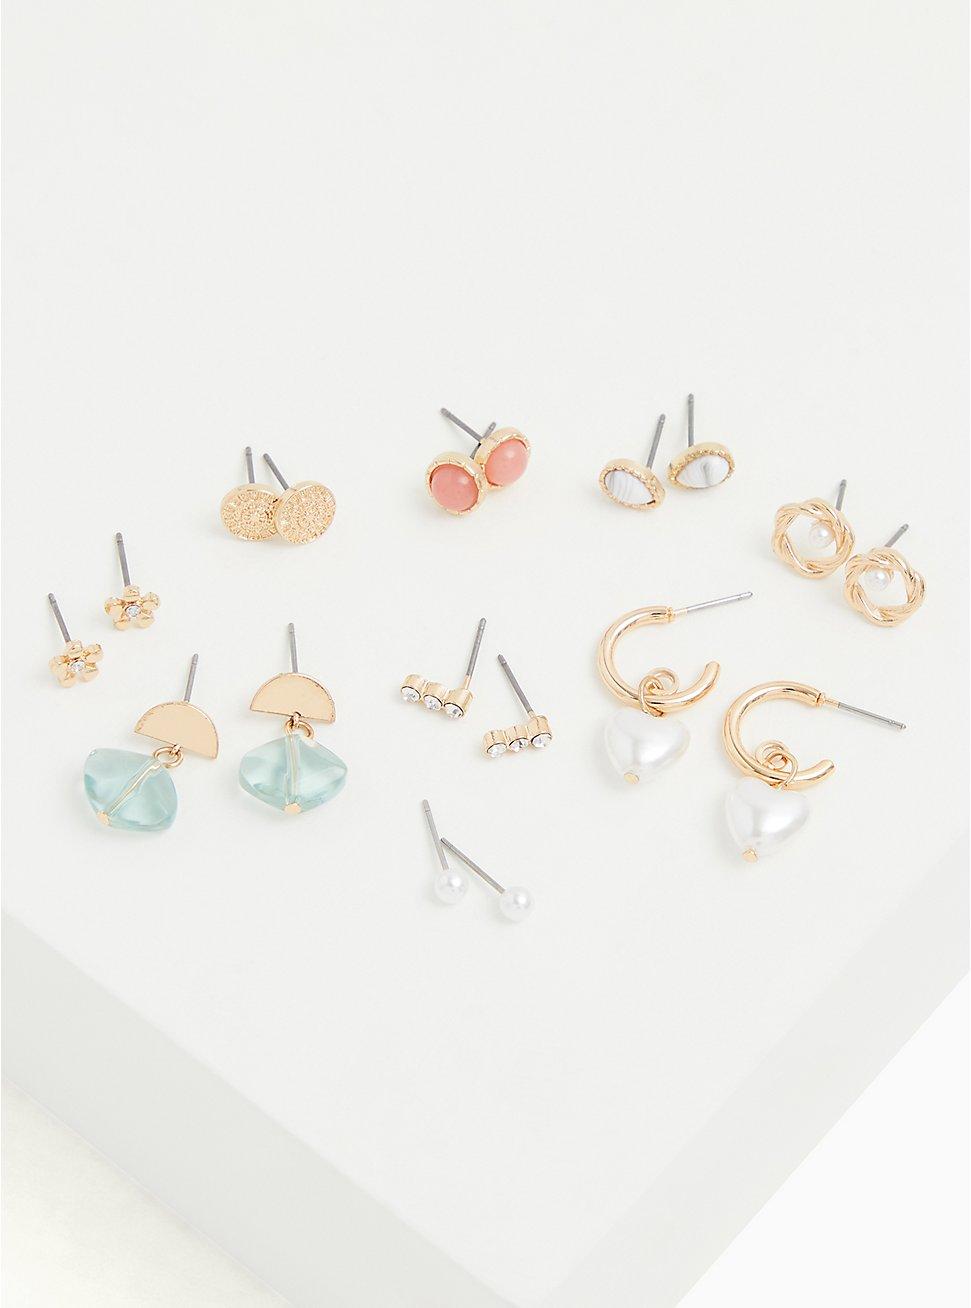 Gold-Tone Faux Pearl Stud & Huggie Hoop Earrings Set - Set of 9, , hi-res